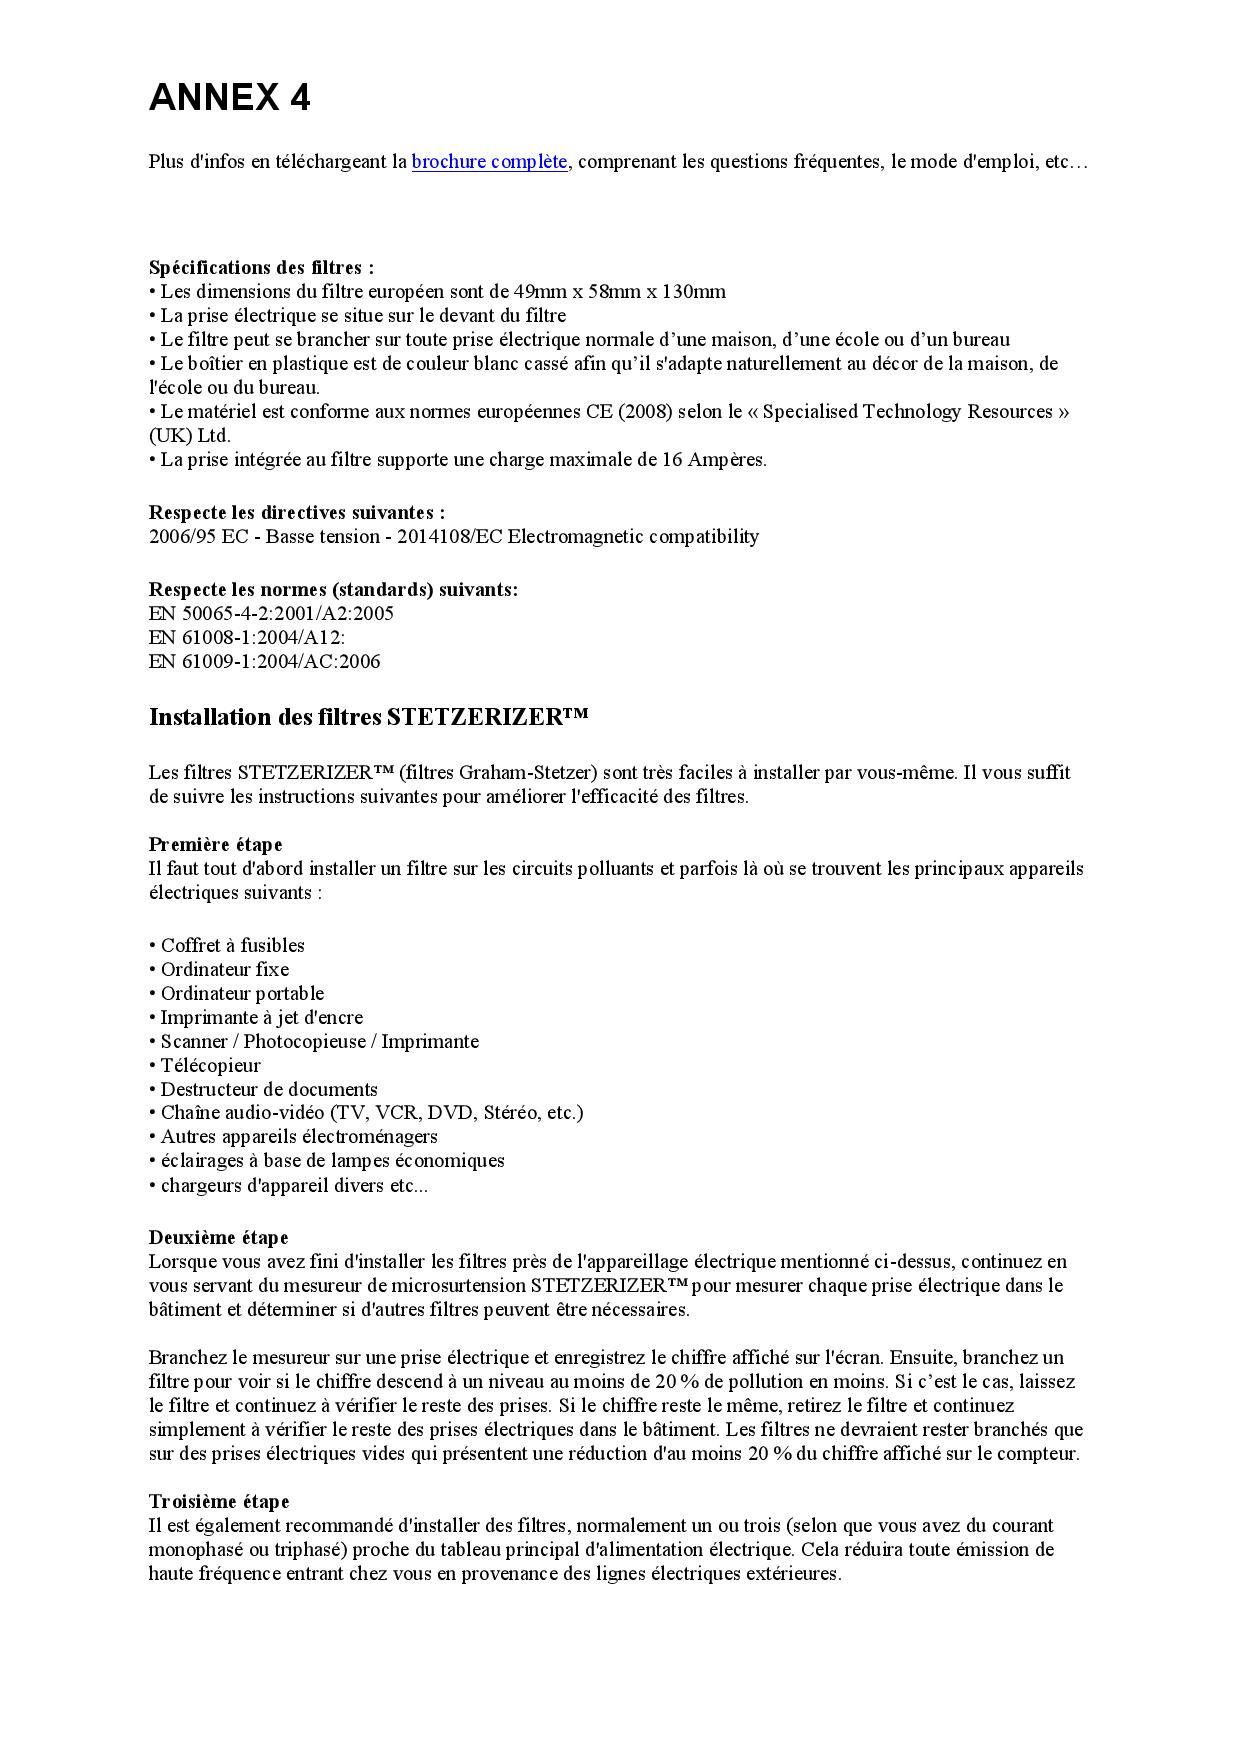 Annex 4 Stetzerizer -page-003.jpg